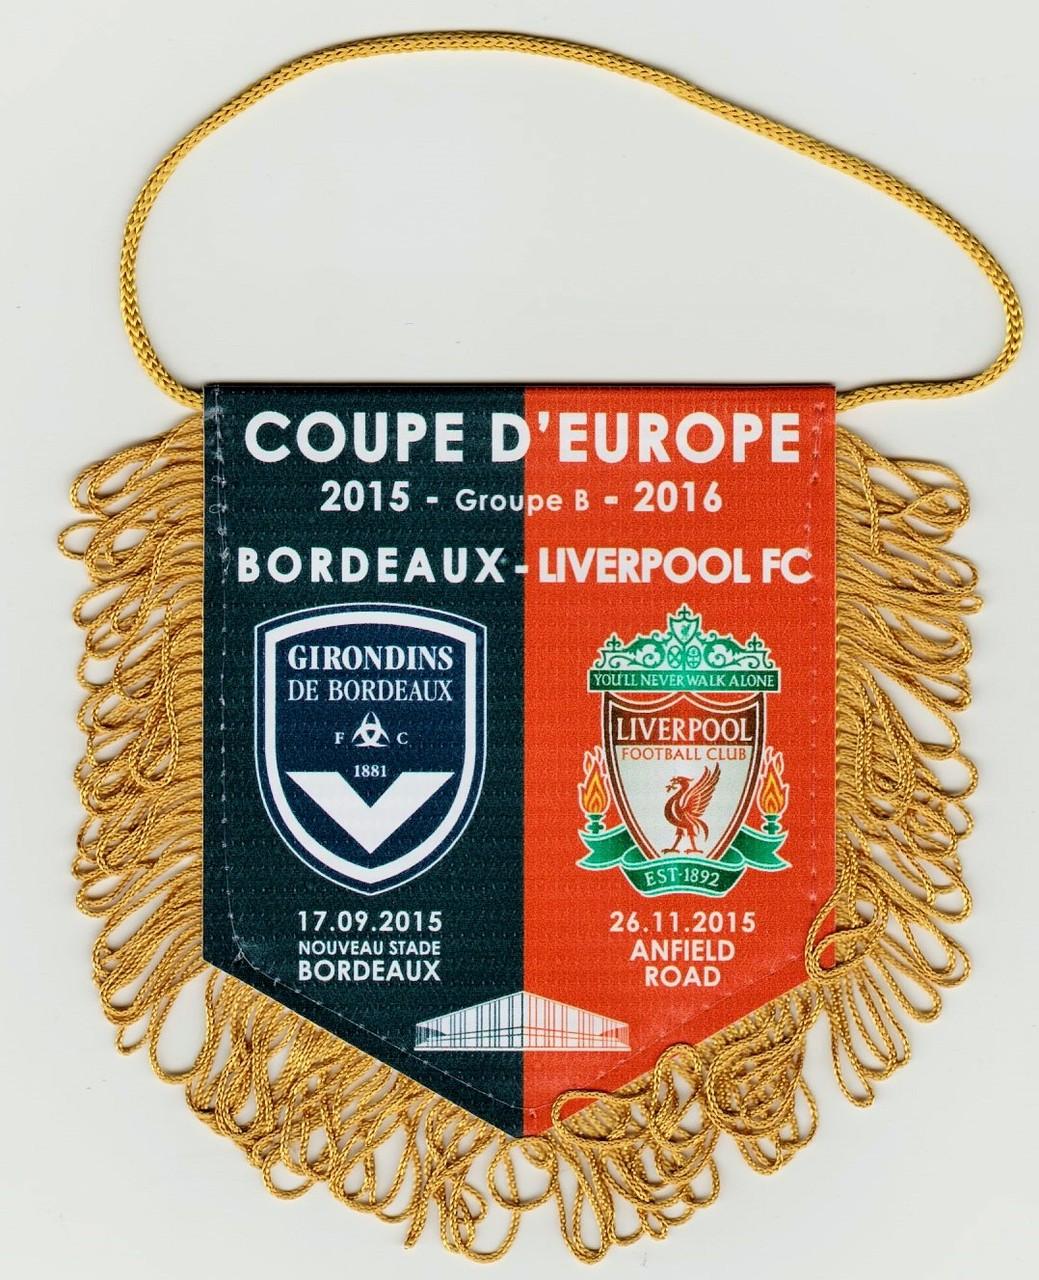 Ligue Europa 2015/16 Bordeaux - Liverpool FC, pas de production pour les matchs face à Larnaca, Kairat, Sion et Rubin Kazan